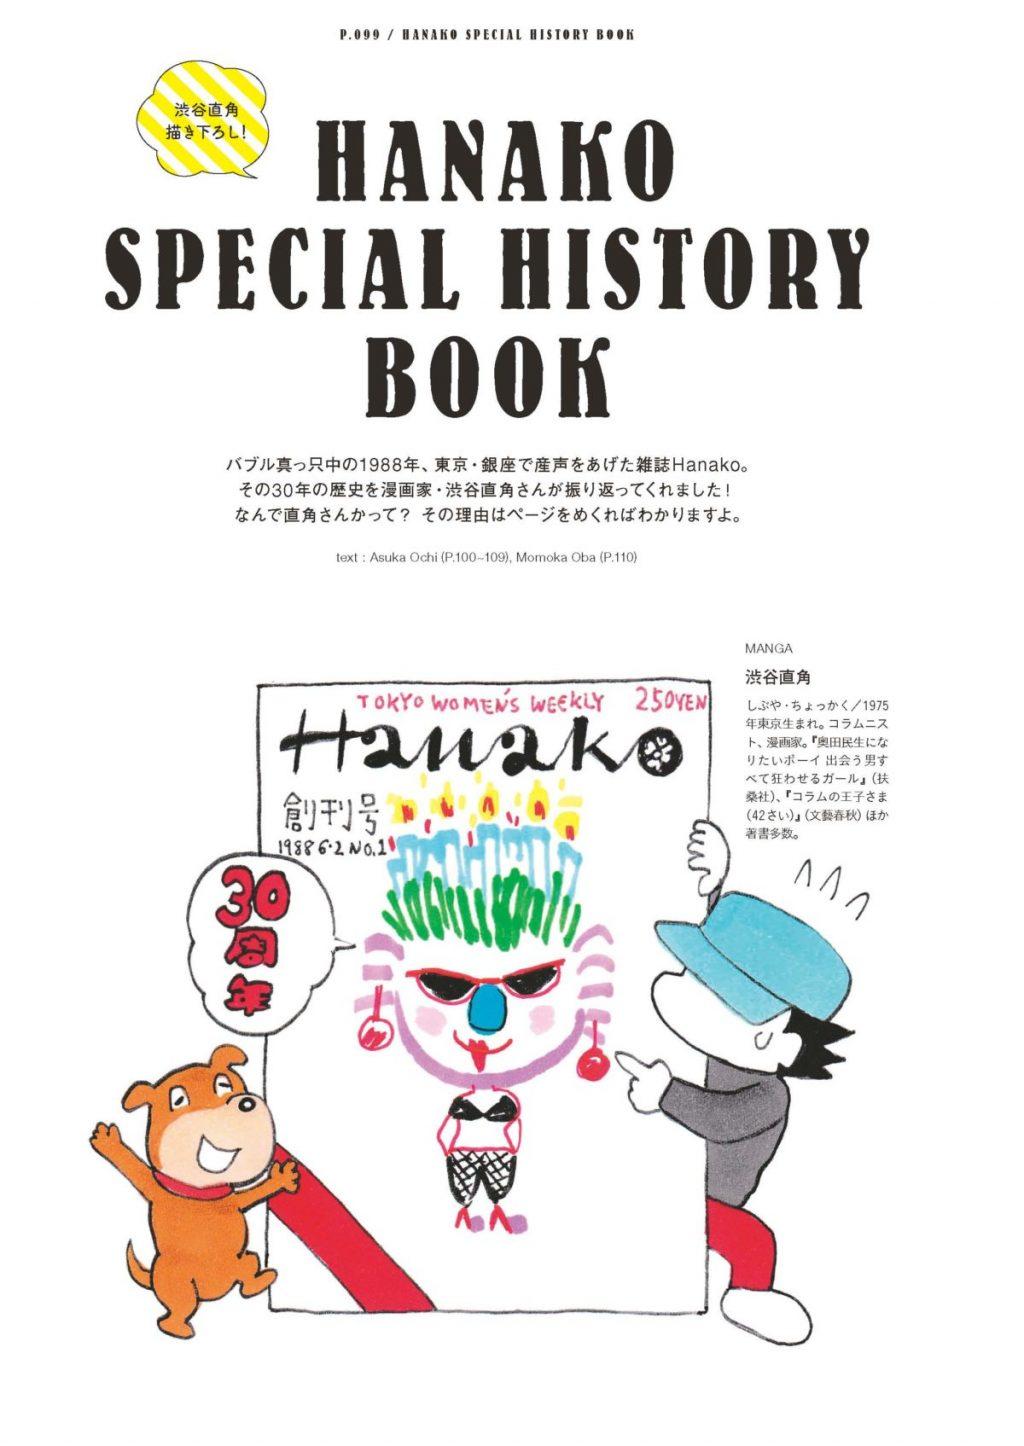 HANAKO1153_099